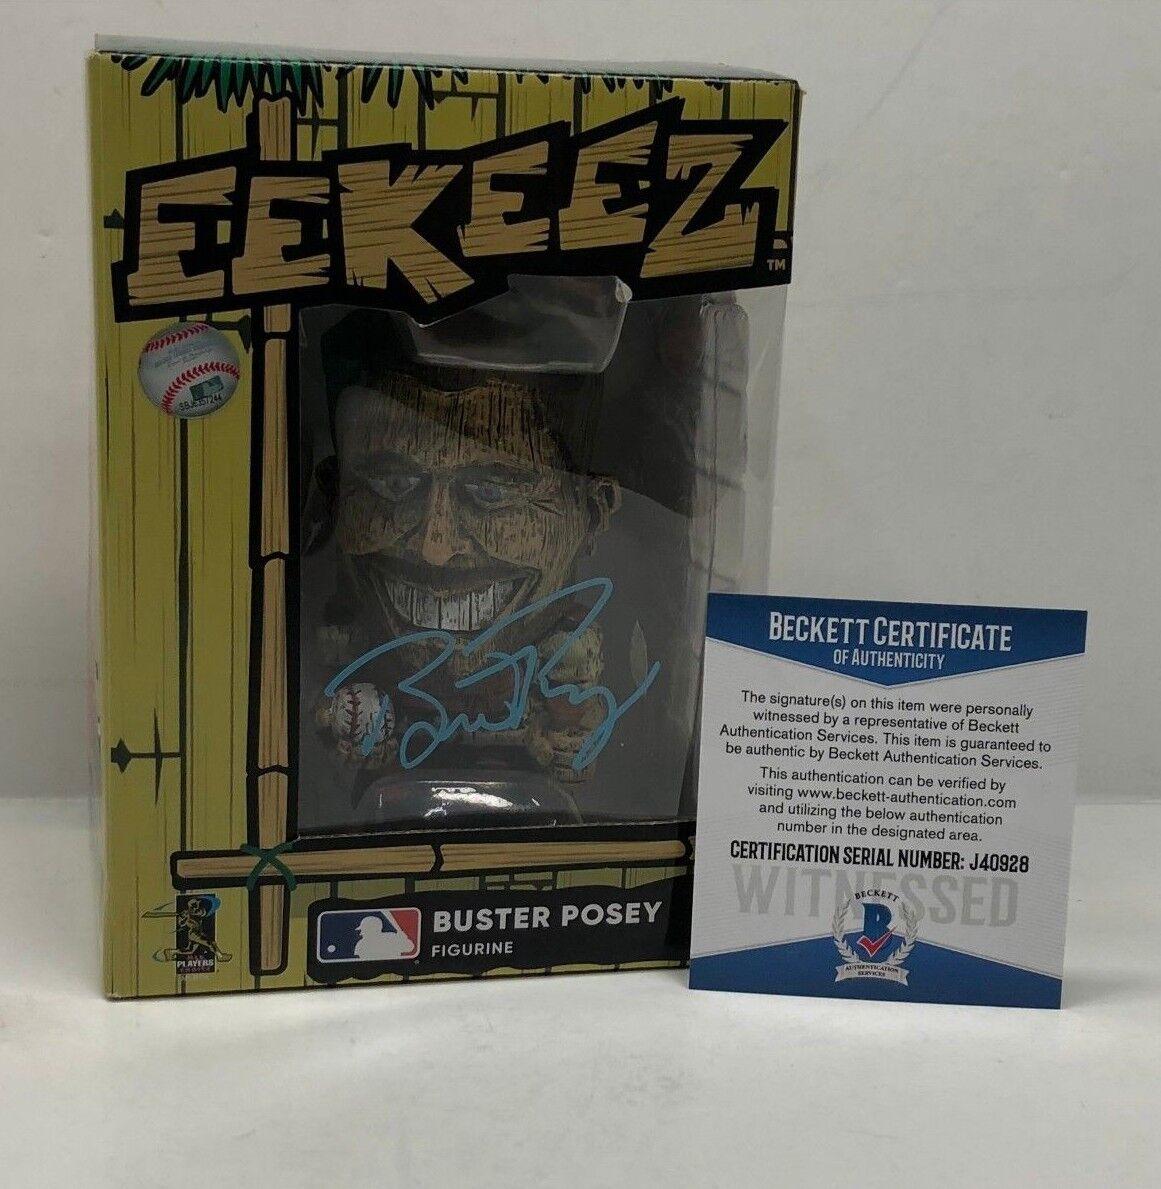 Buster Posey Signed *SF Giants Tiki Foco *Eekeez Baseball Figure Beckett J403928